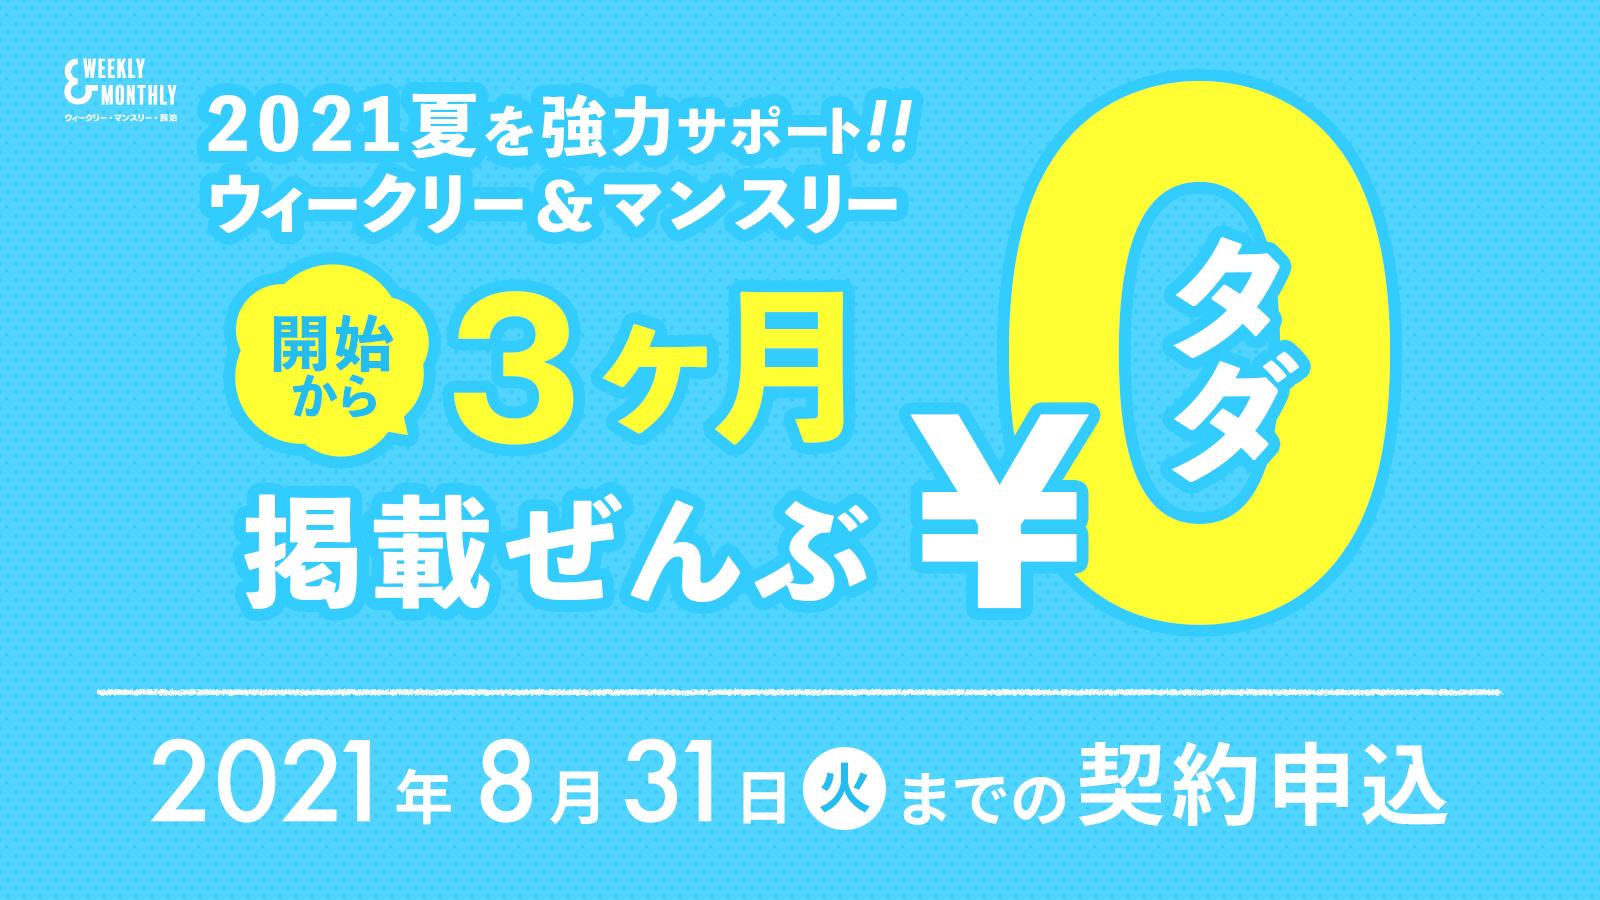 【PR】3ヶ月無料で掲載「2021夏を強力サポート!!ウィークリー&マンスリー掲載応援キャンペーン」を開始